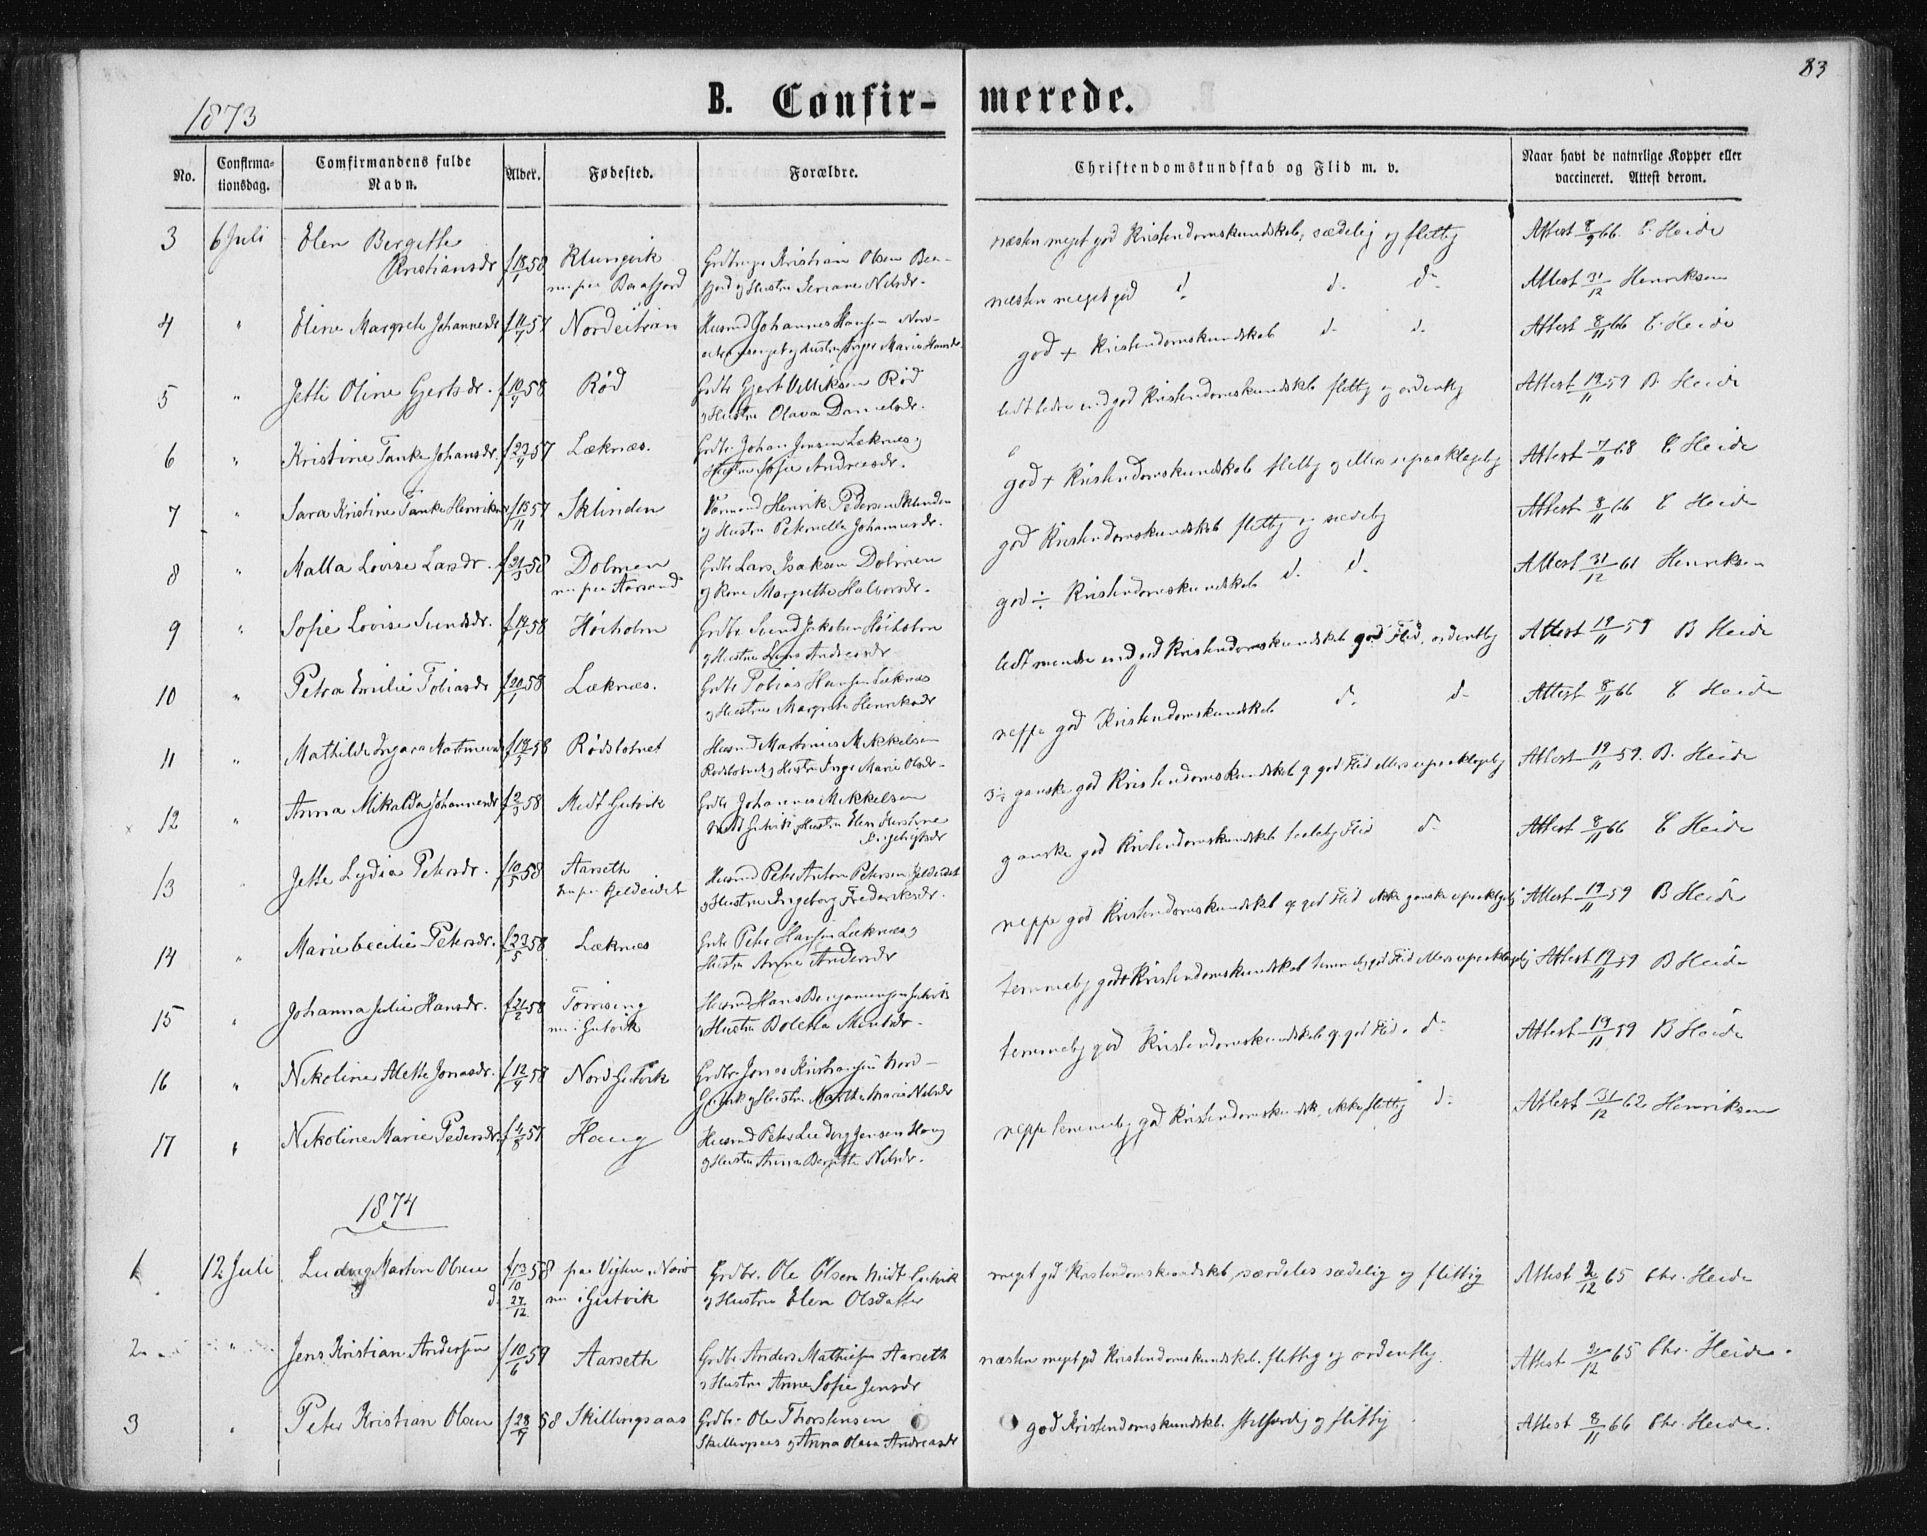 SAT, Ministerialprotokoller, klokkerbøker og fødselsregistre - Nord-Trøndelag, 788/L0696: Ministerialbok nr. 788A03, 1863-1877, s. 83